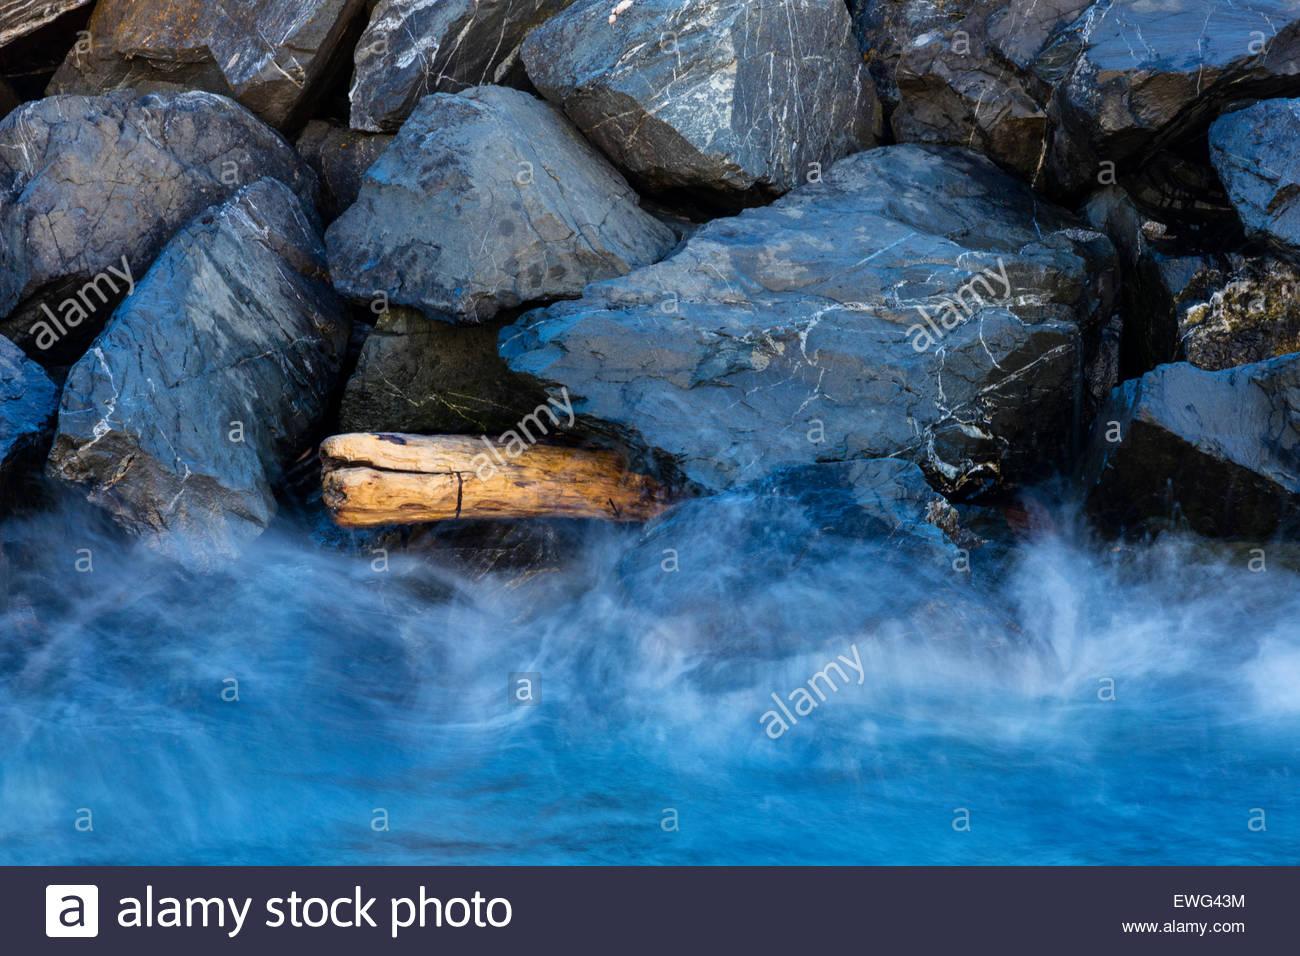 Wellen von Puget Sound Absturz gegen Treibholz in einem Wellenbrecher in Edmonds, Washington stecken. Stockbild